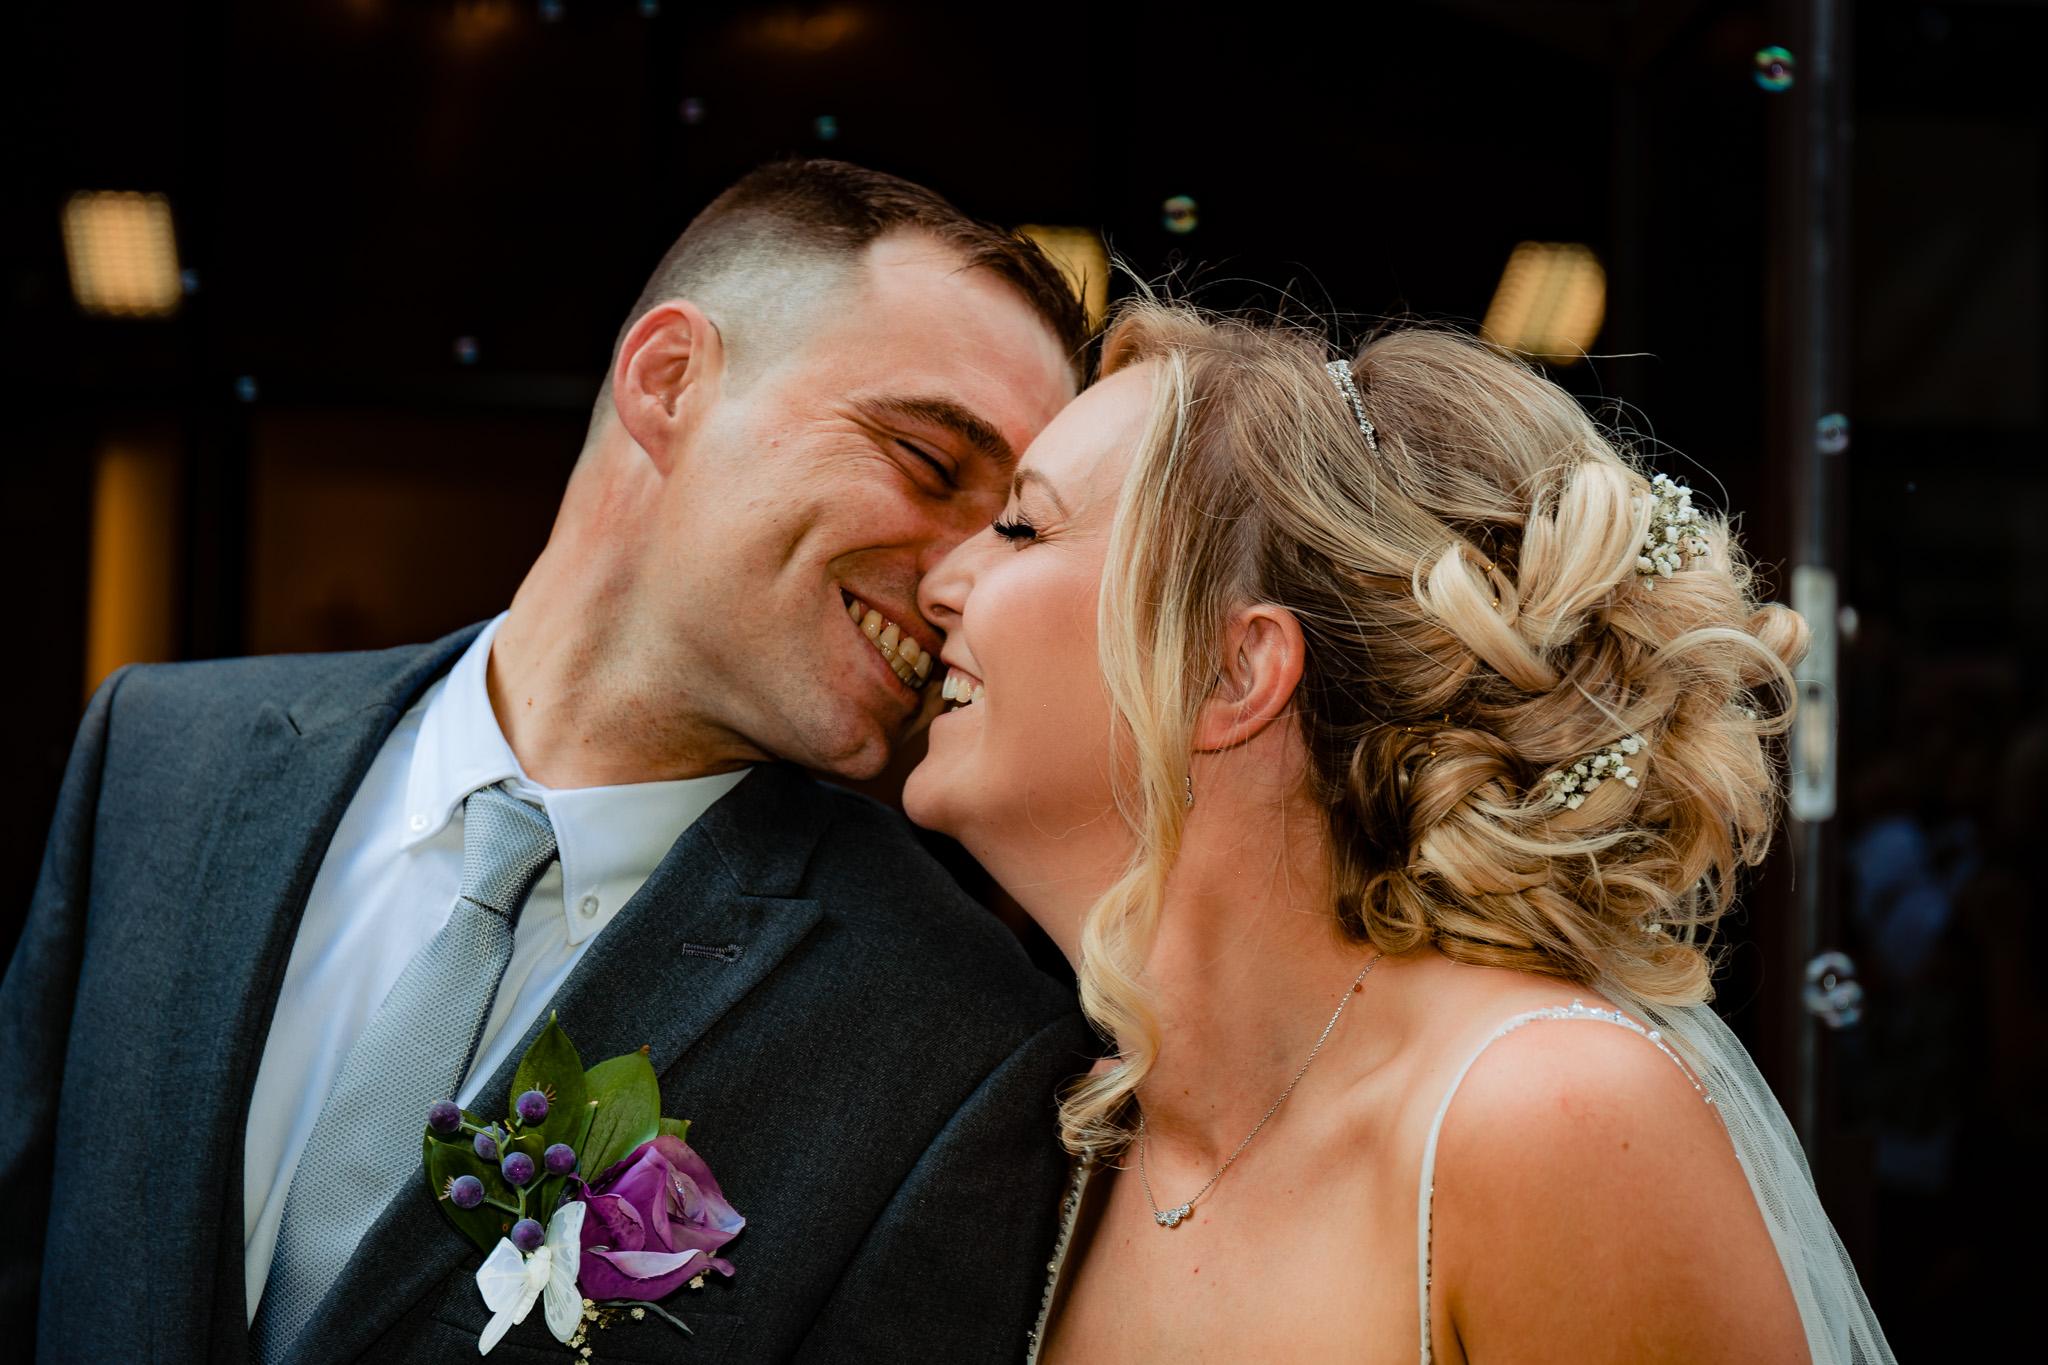 Leeds wedding photography of couple kissing